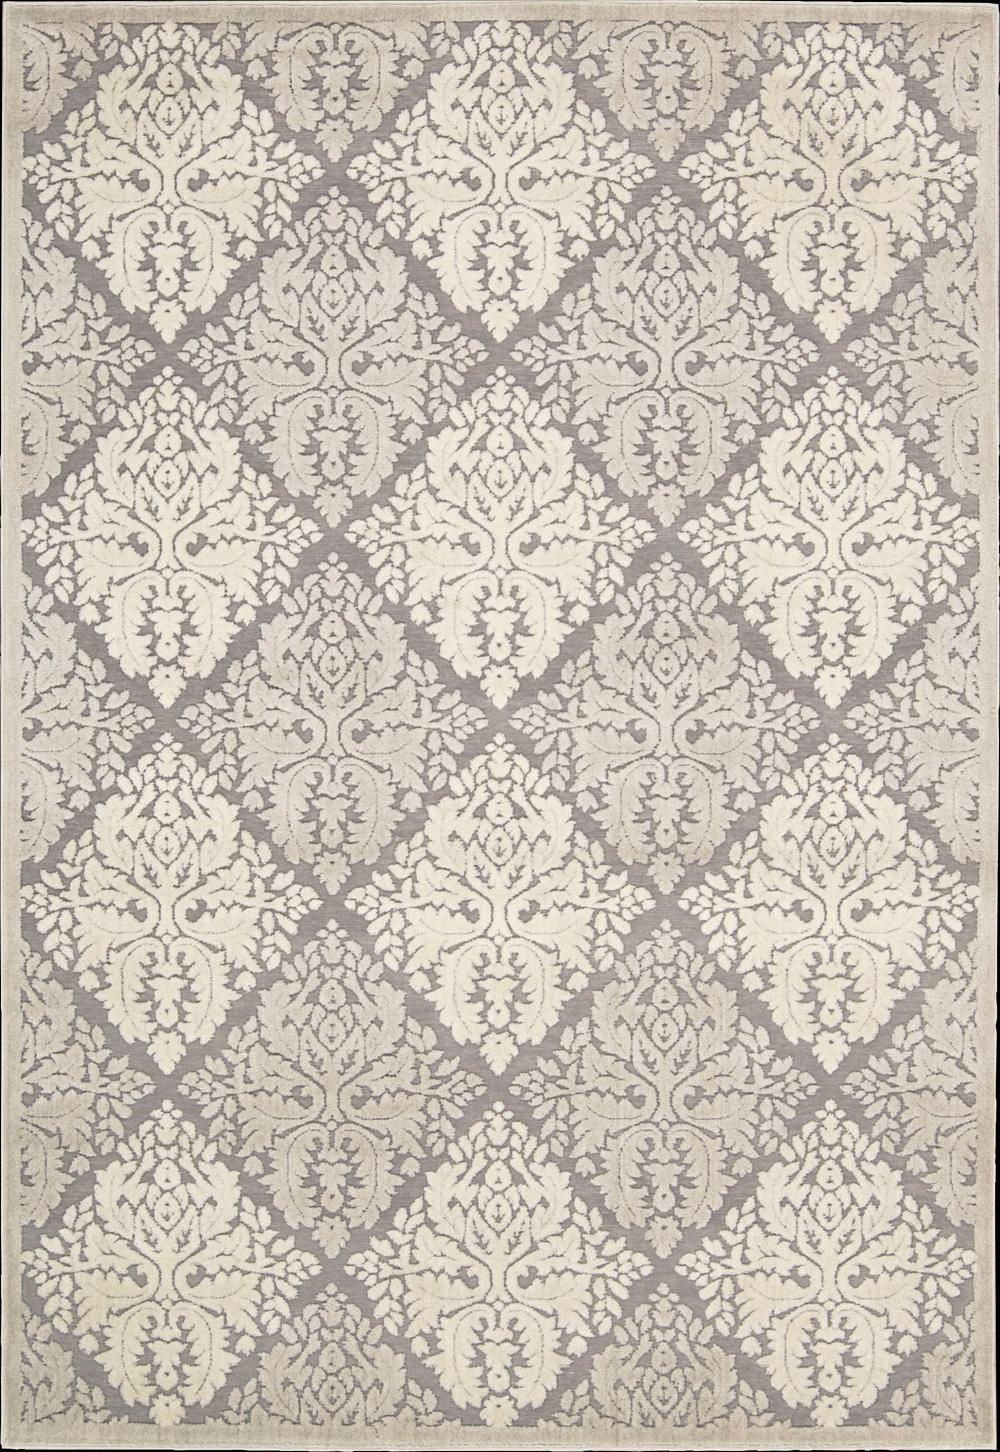 """Nourison Graphic Illusions Area Rug 5'3"""" x 7'5"""" - Item Number: 13075"""